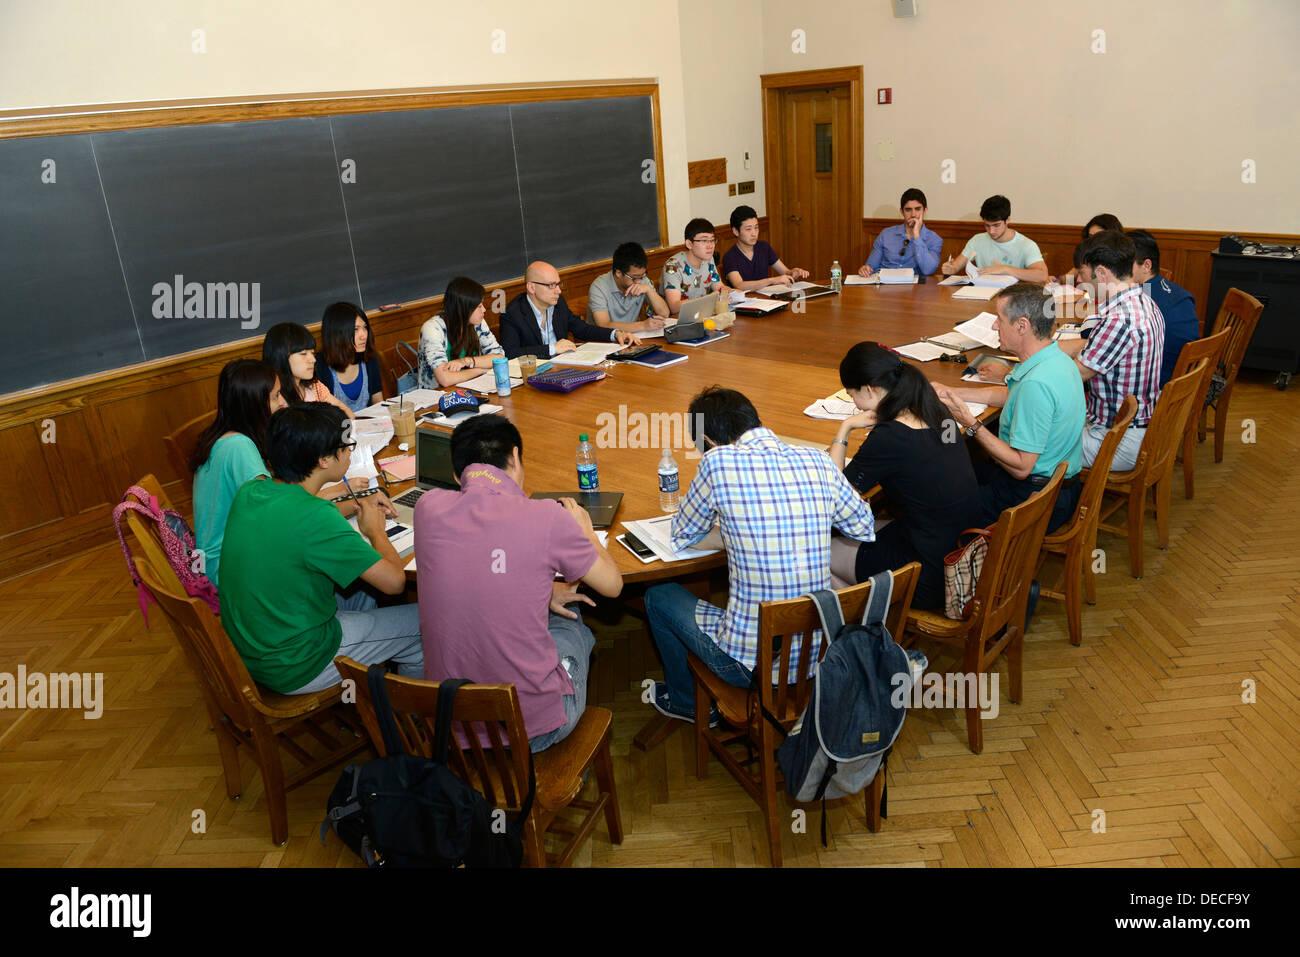 Business-Seminar für junge ausländische Fachkräfte interessiert mehr über Auslandsgeschäft in Yale Summer School zu lernen. Stockbild